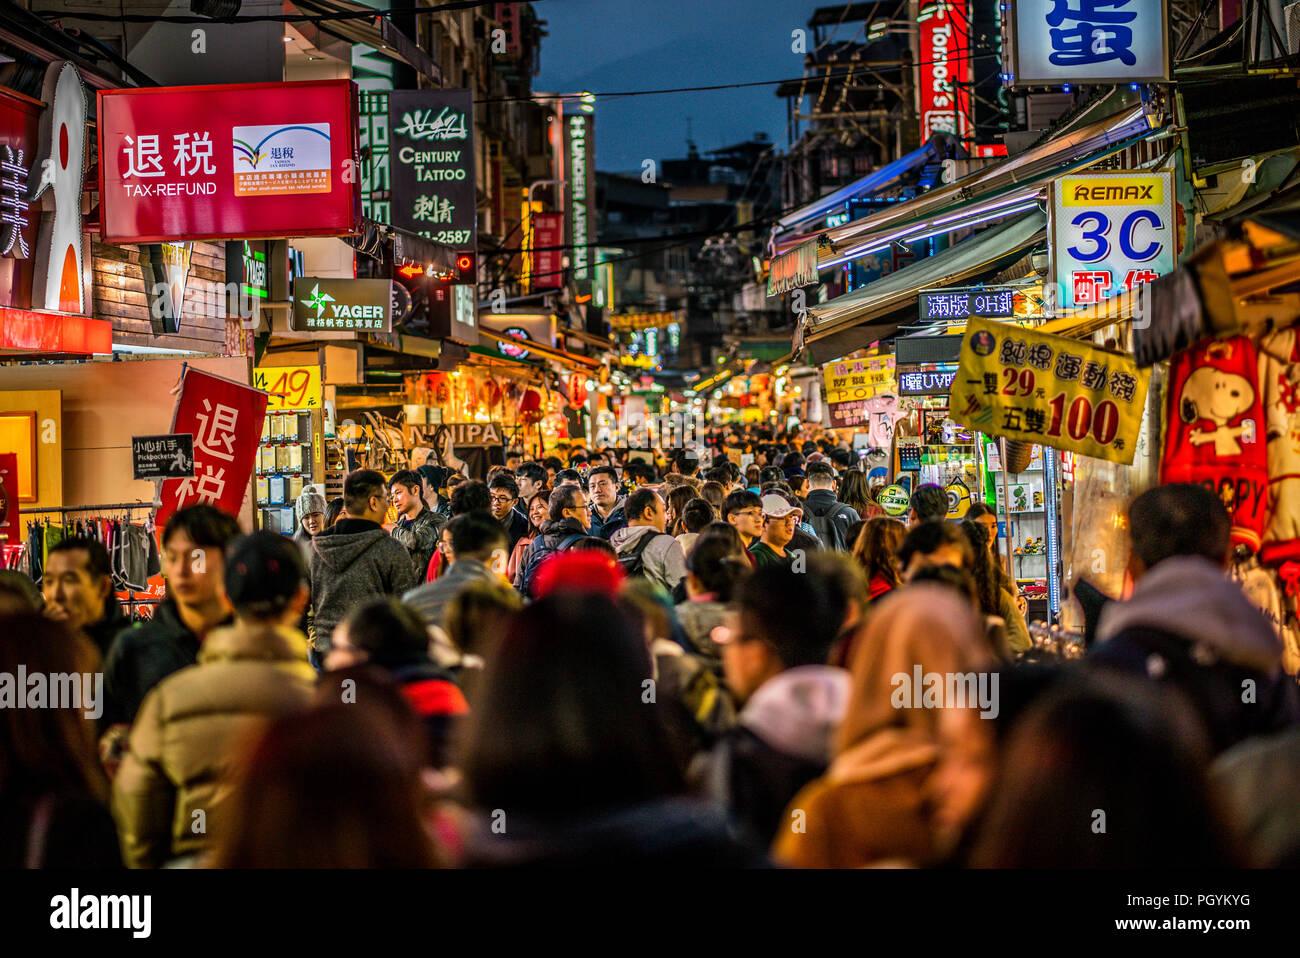 13 February 2018, Taipei Taiwan: Street view of full of people Shilin night market in Taipei Taiwan Stock Photo